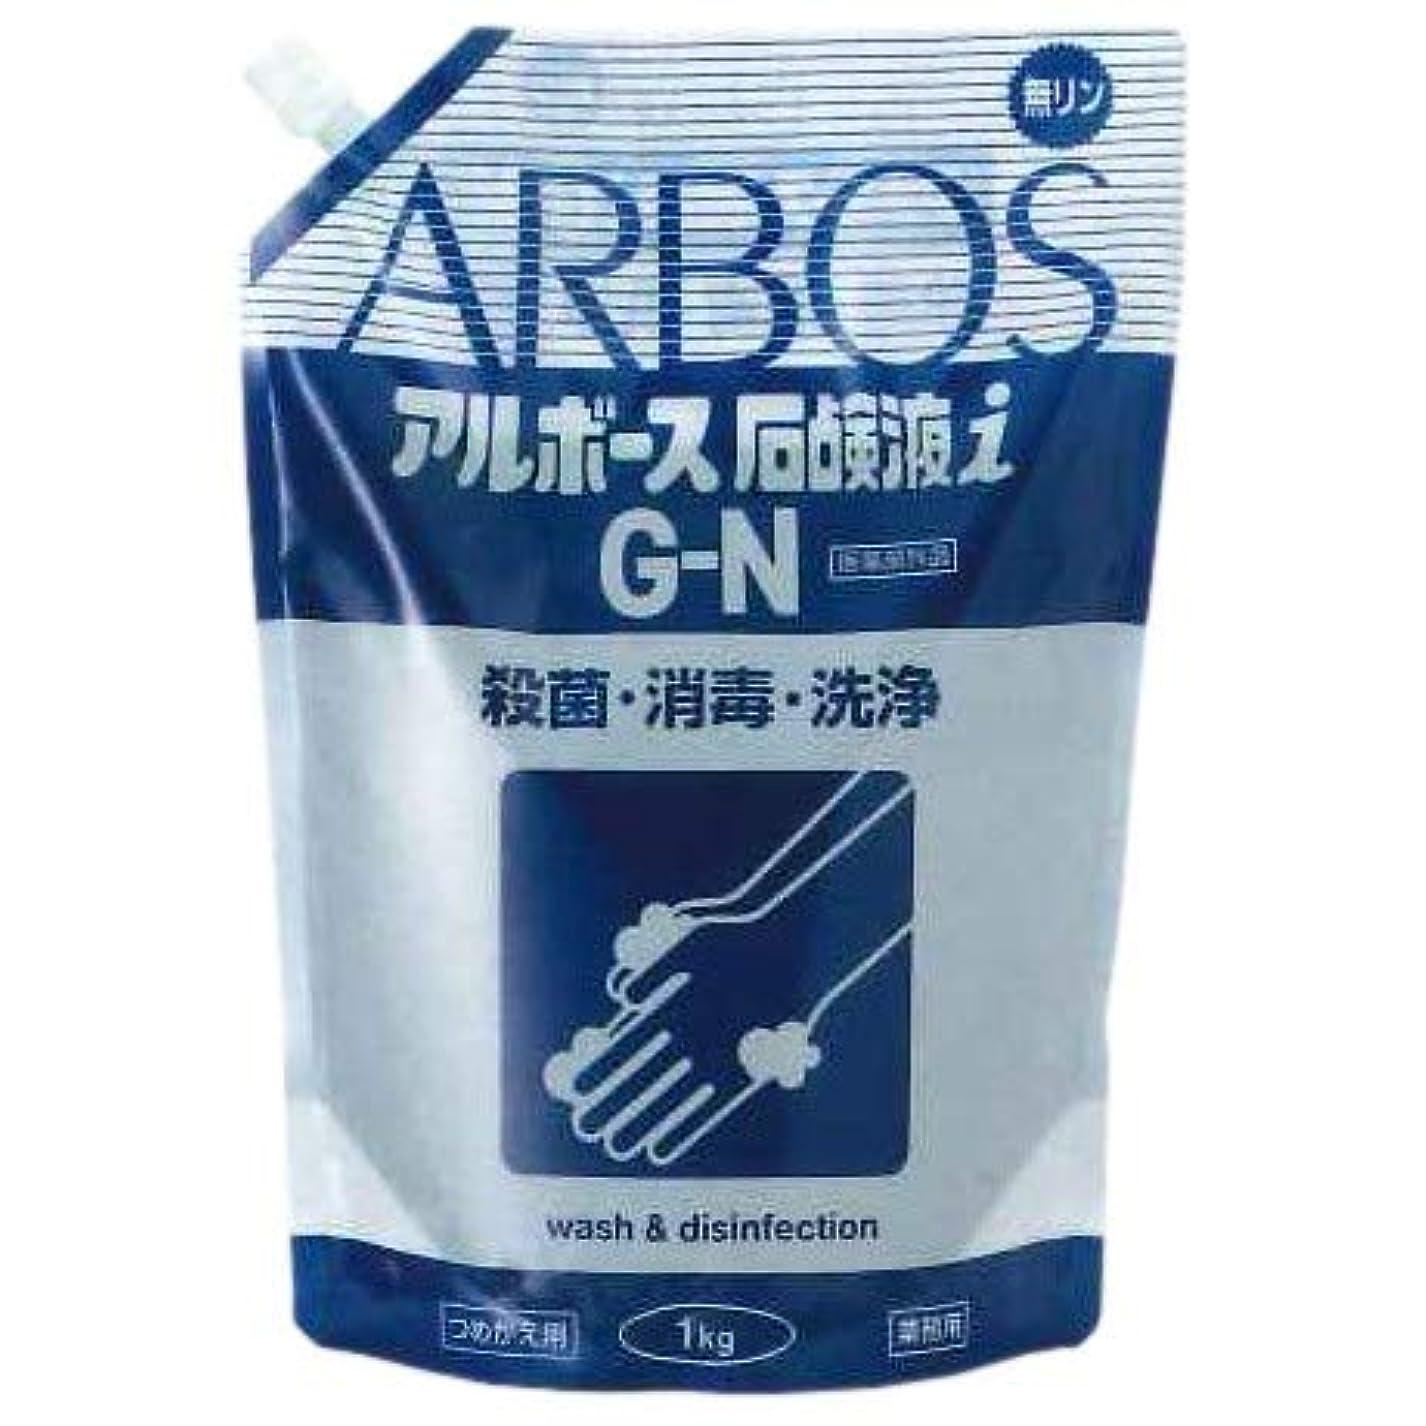 記録建設アジャアルボース 薬用ハンドソープ アルボース石鹸液i G-N 濃縮タイプ 1kg×18袋